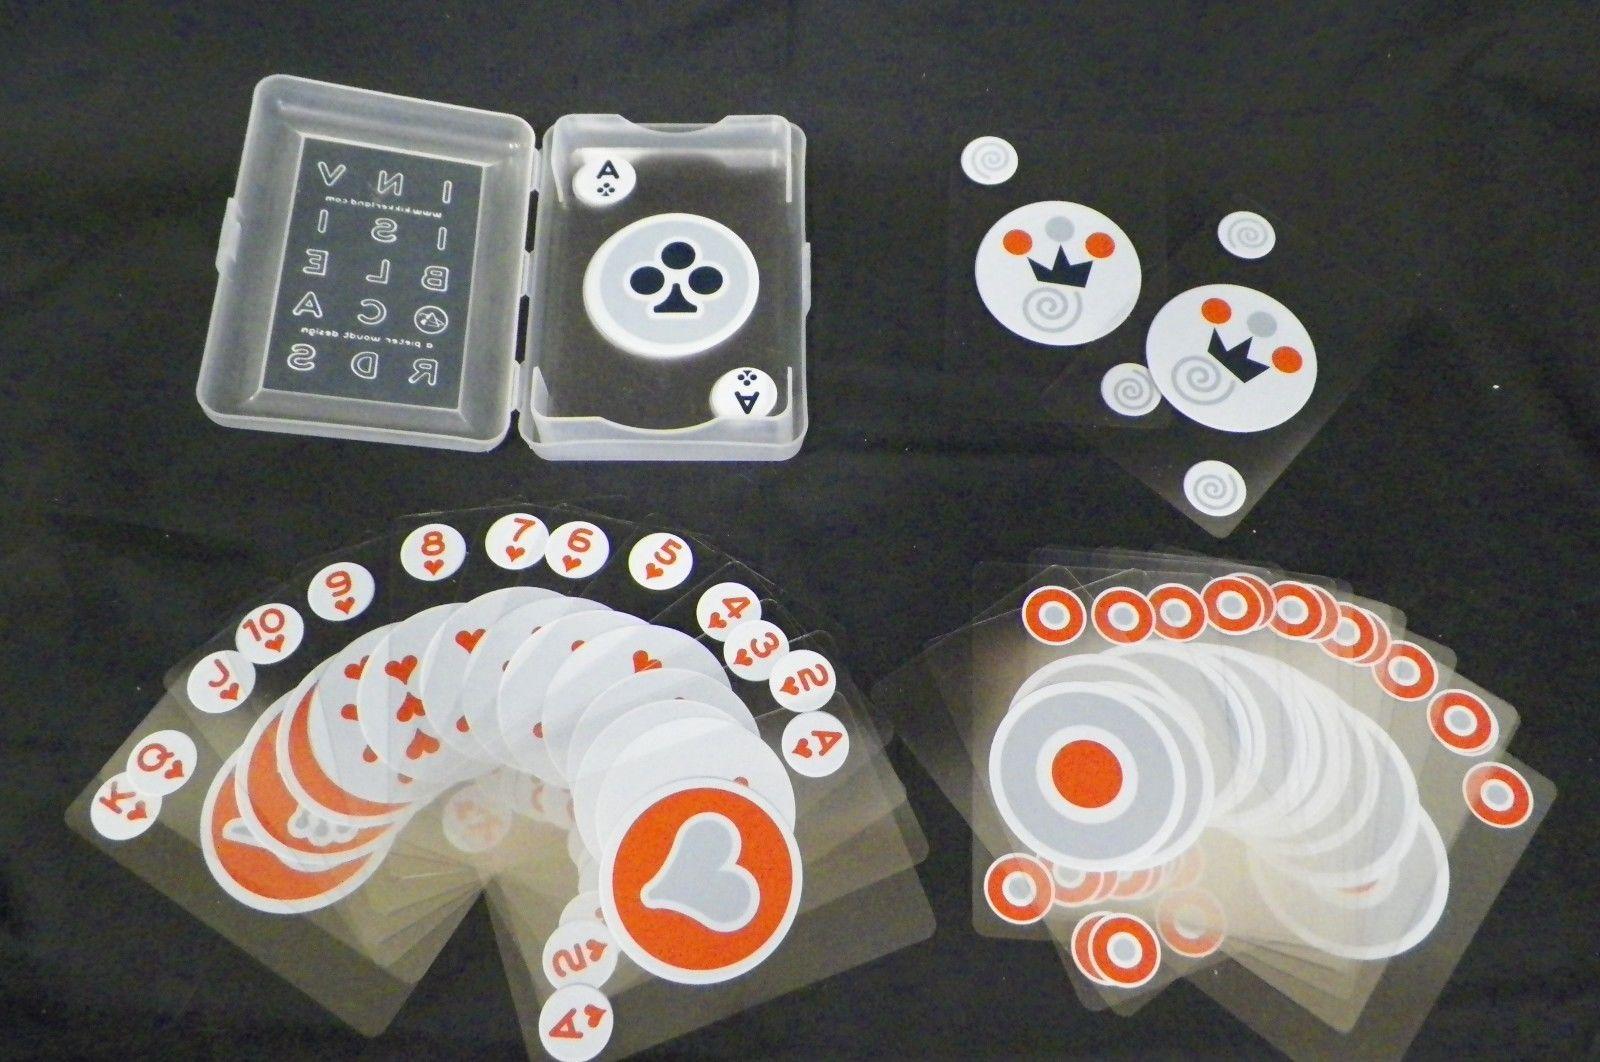 Las barajas de cartas más alucinantes del mundo